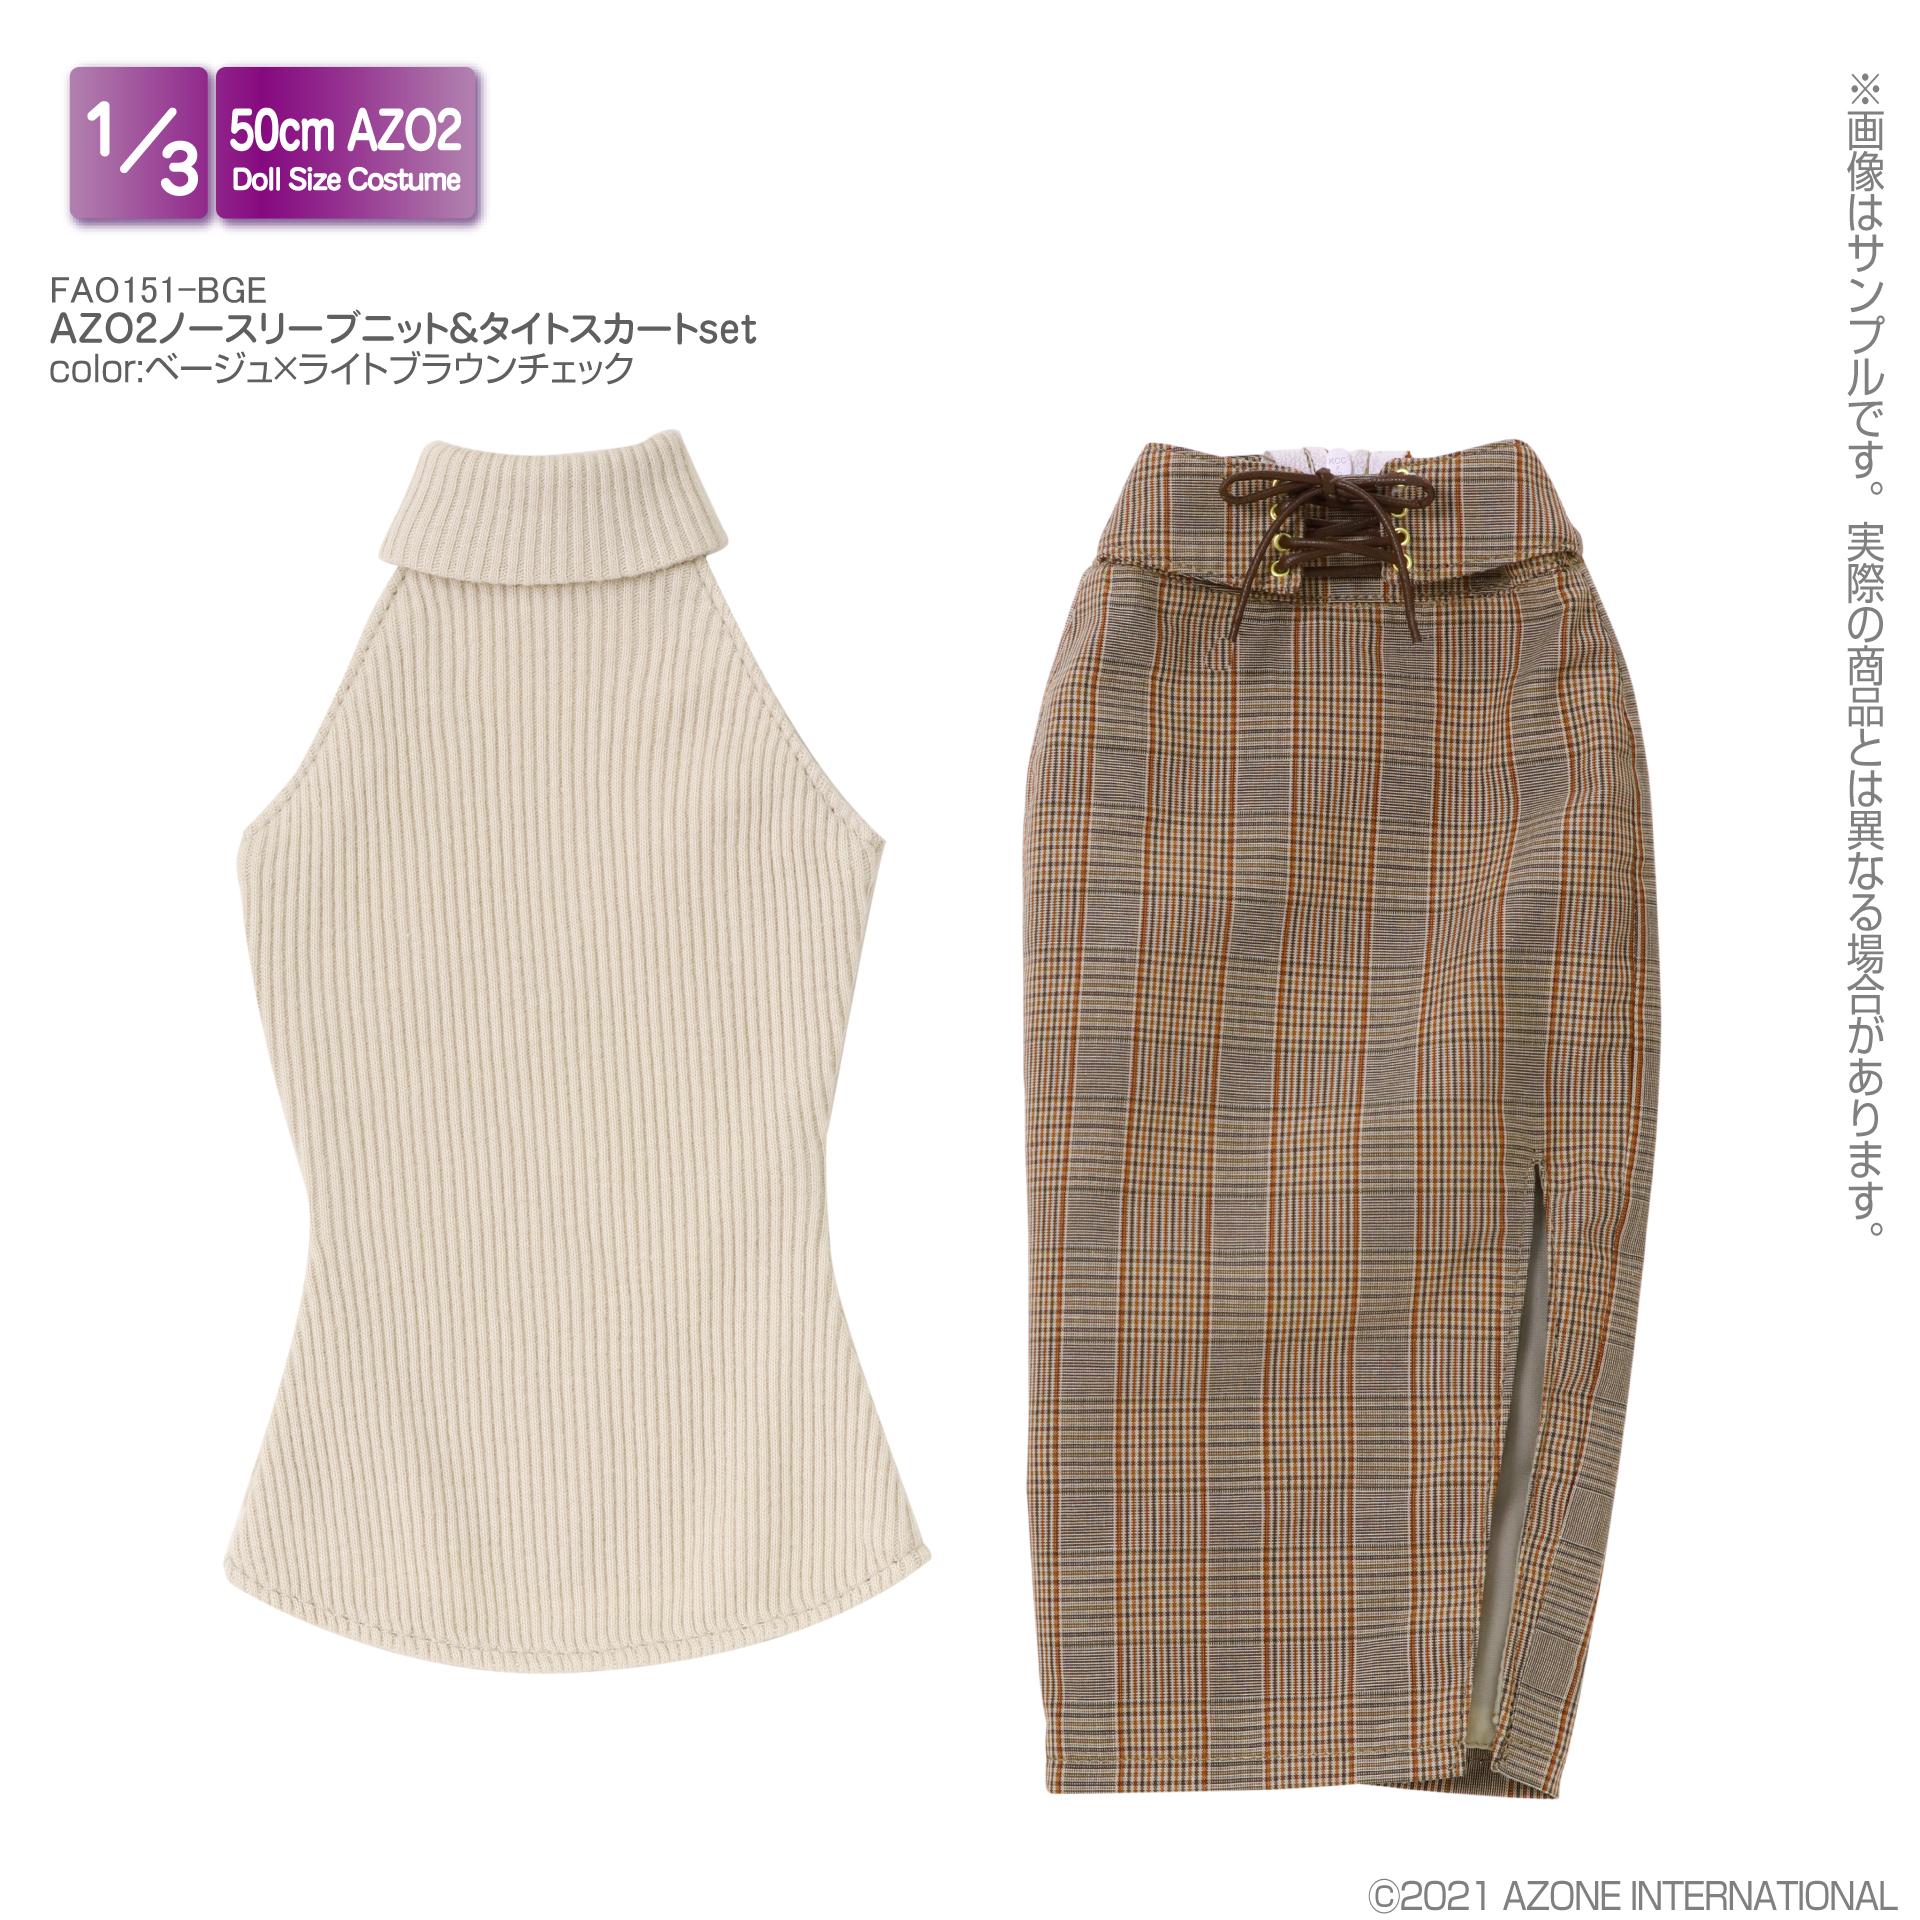 AZO2『ノースリーブニット&タイトスカートset[ベージュ×ライトブラウンチェック]』1/3 ドール服-002